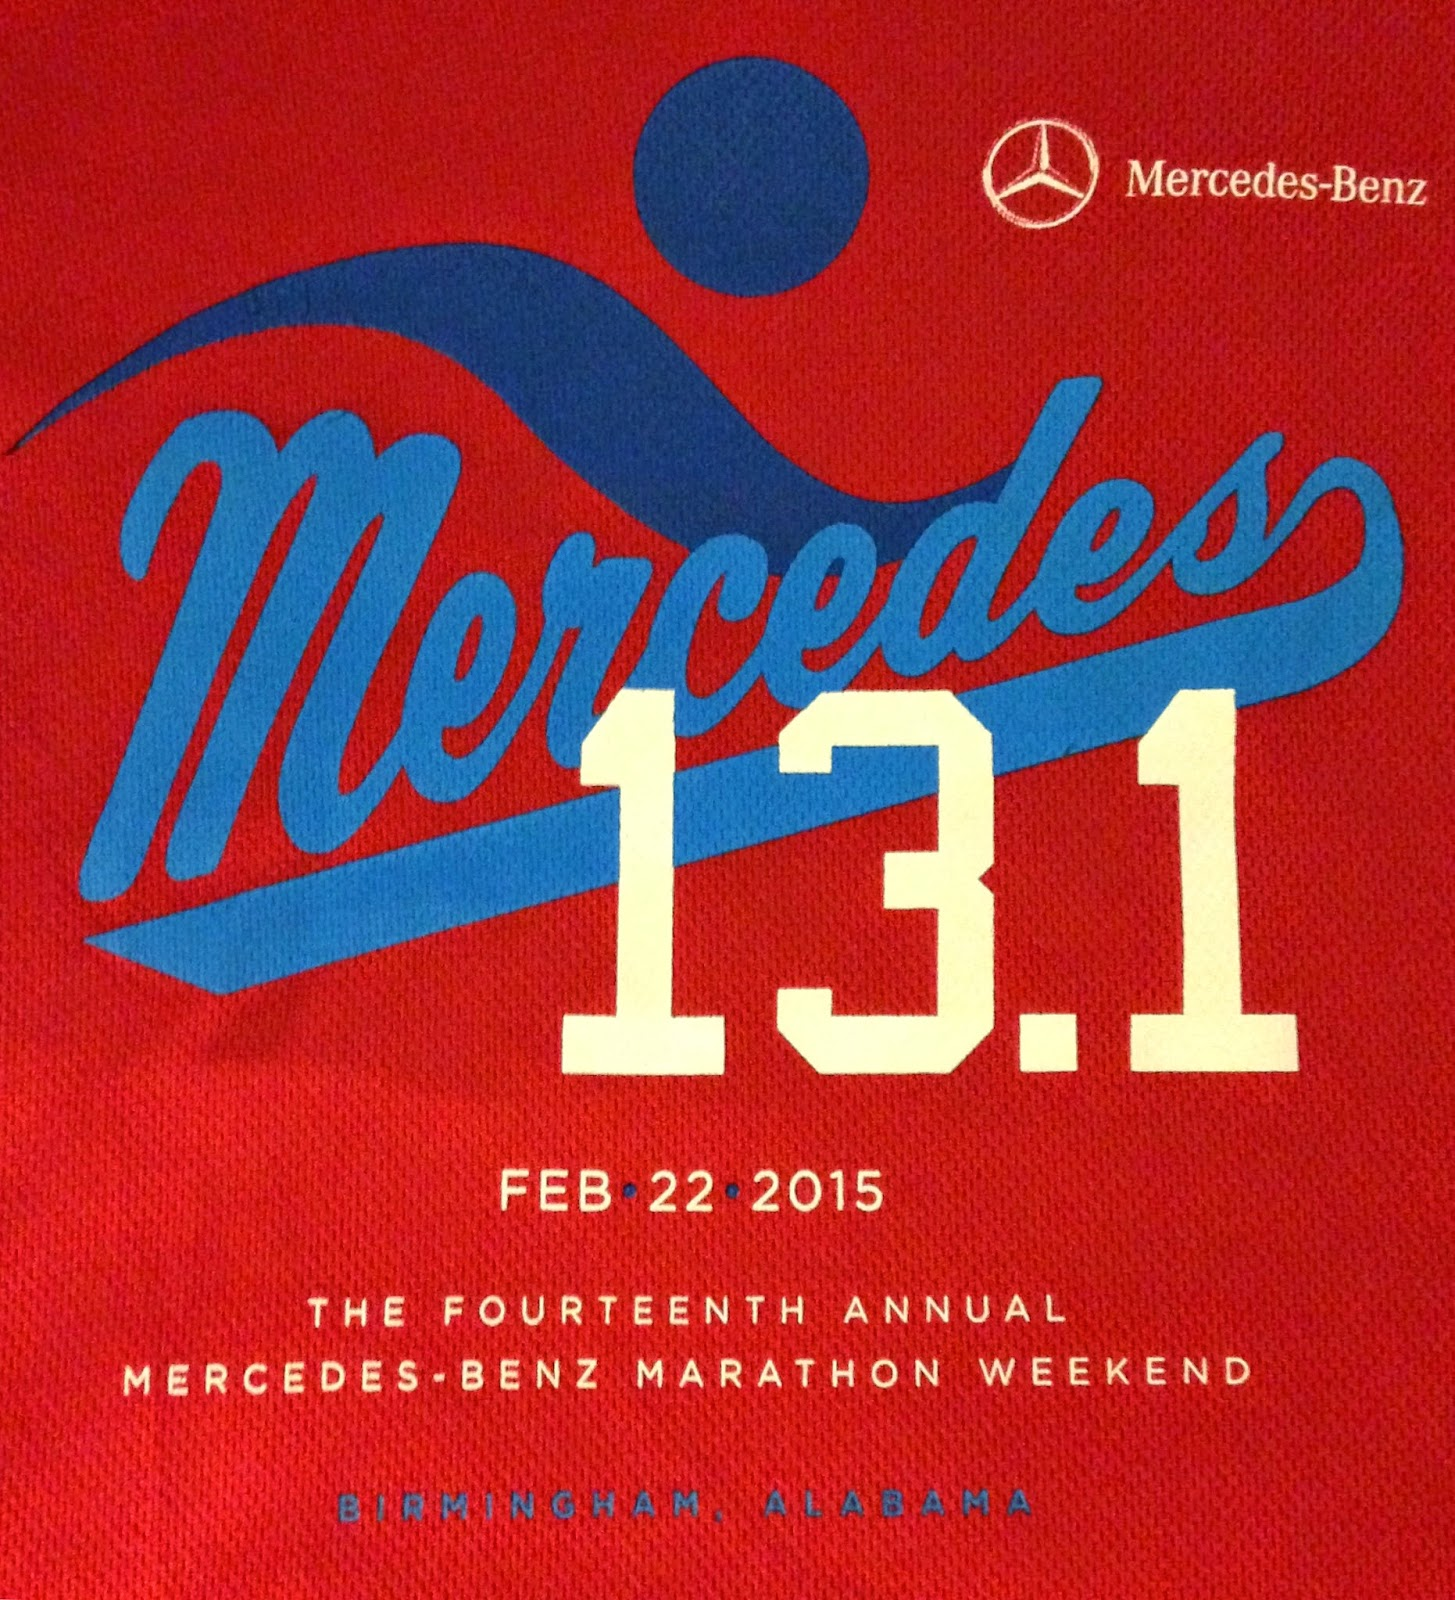 Hoho runs mercedes half marathon recap weekend update for Mercedes benz marathon birmingham